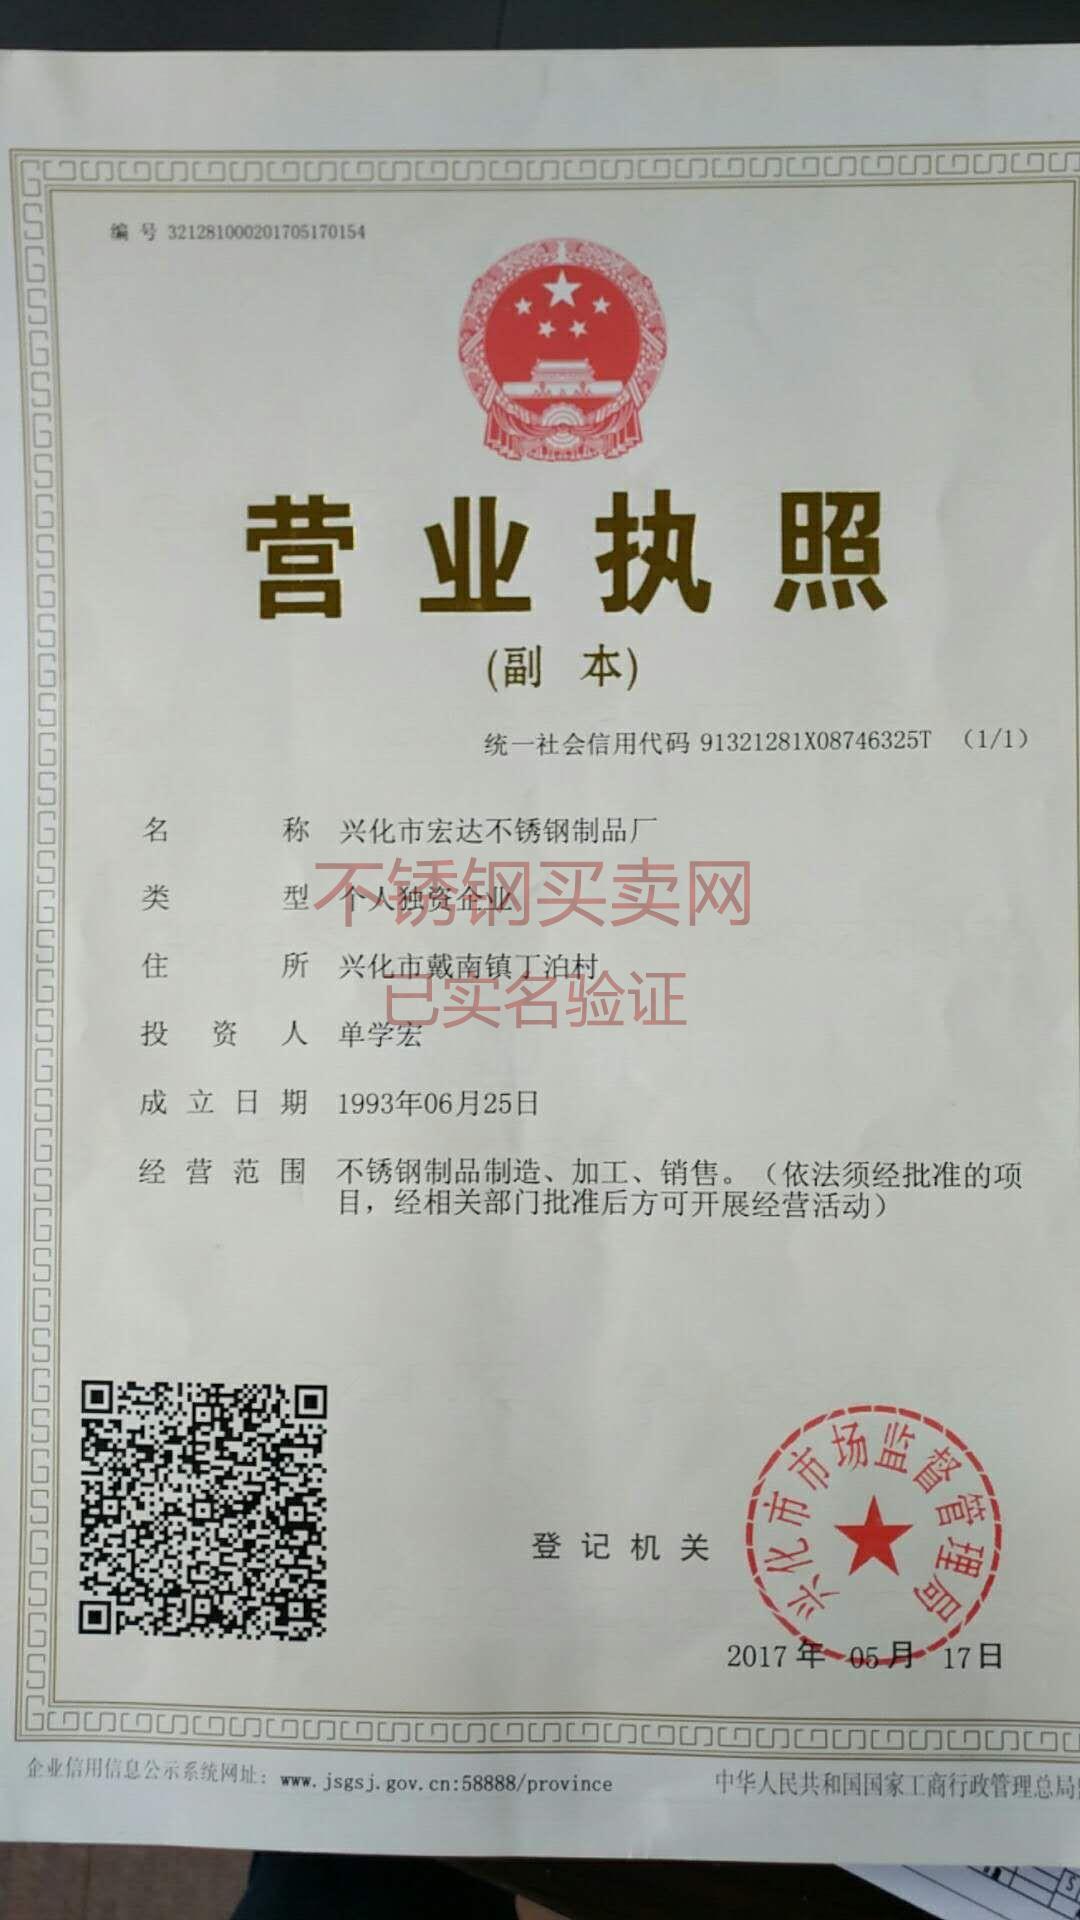 兴化市宏达不锈钢制品厂